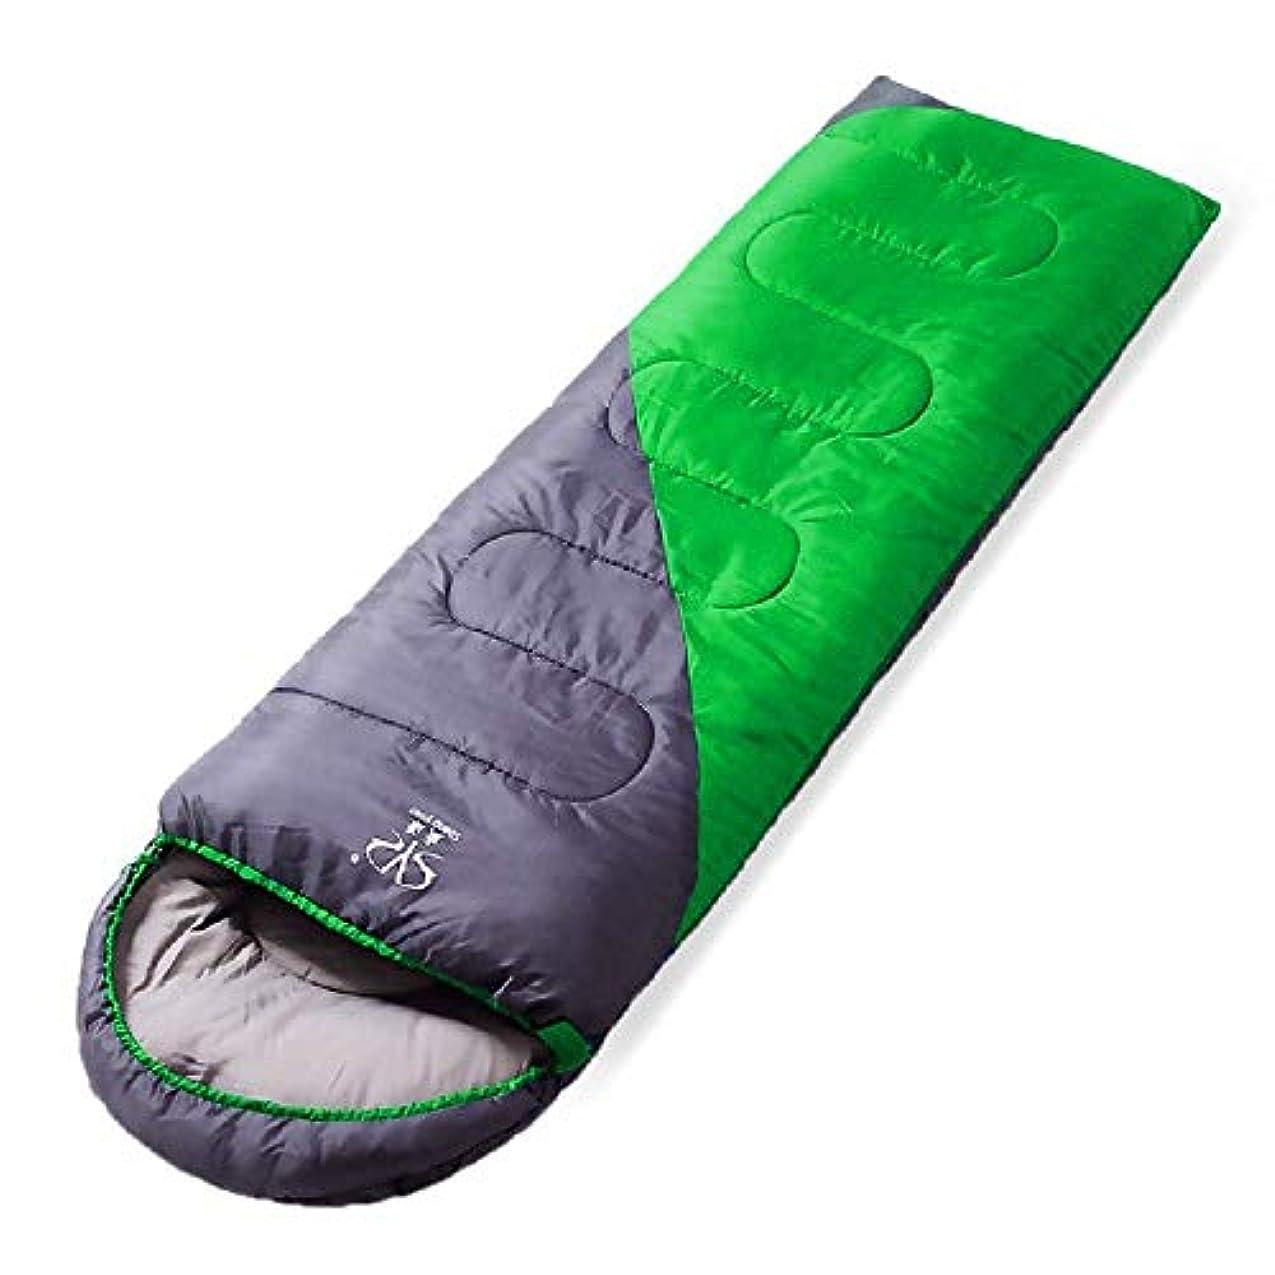 普通の反響する脅威キャンプ暖かい寝袋、屋外の大人の旅行キャンプの寝袋、冬の綿のキャンプの寝袋1800グラム (色 : 緑)